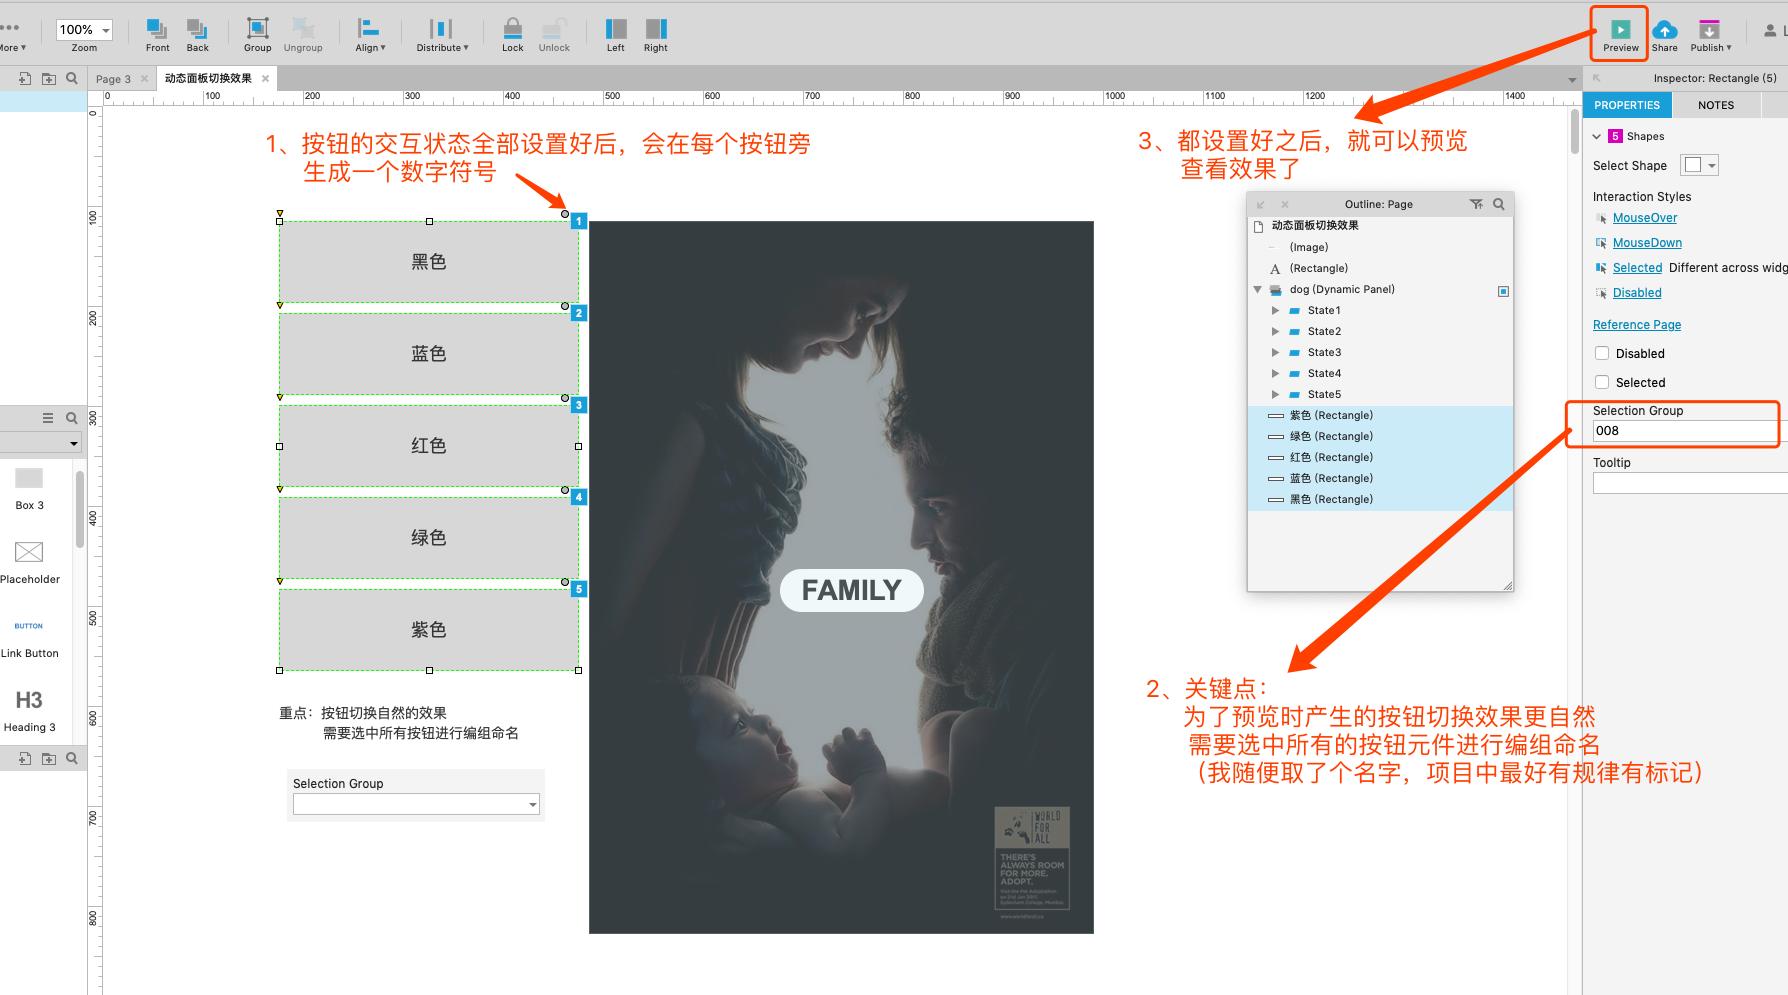 如何用Axure RP8 做出点击按钮切换页面效果